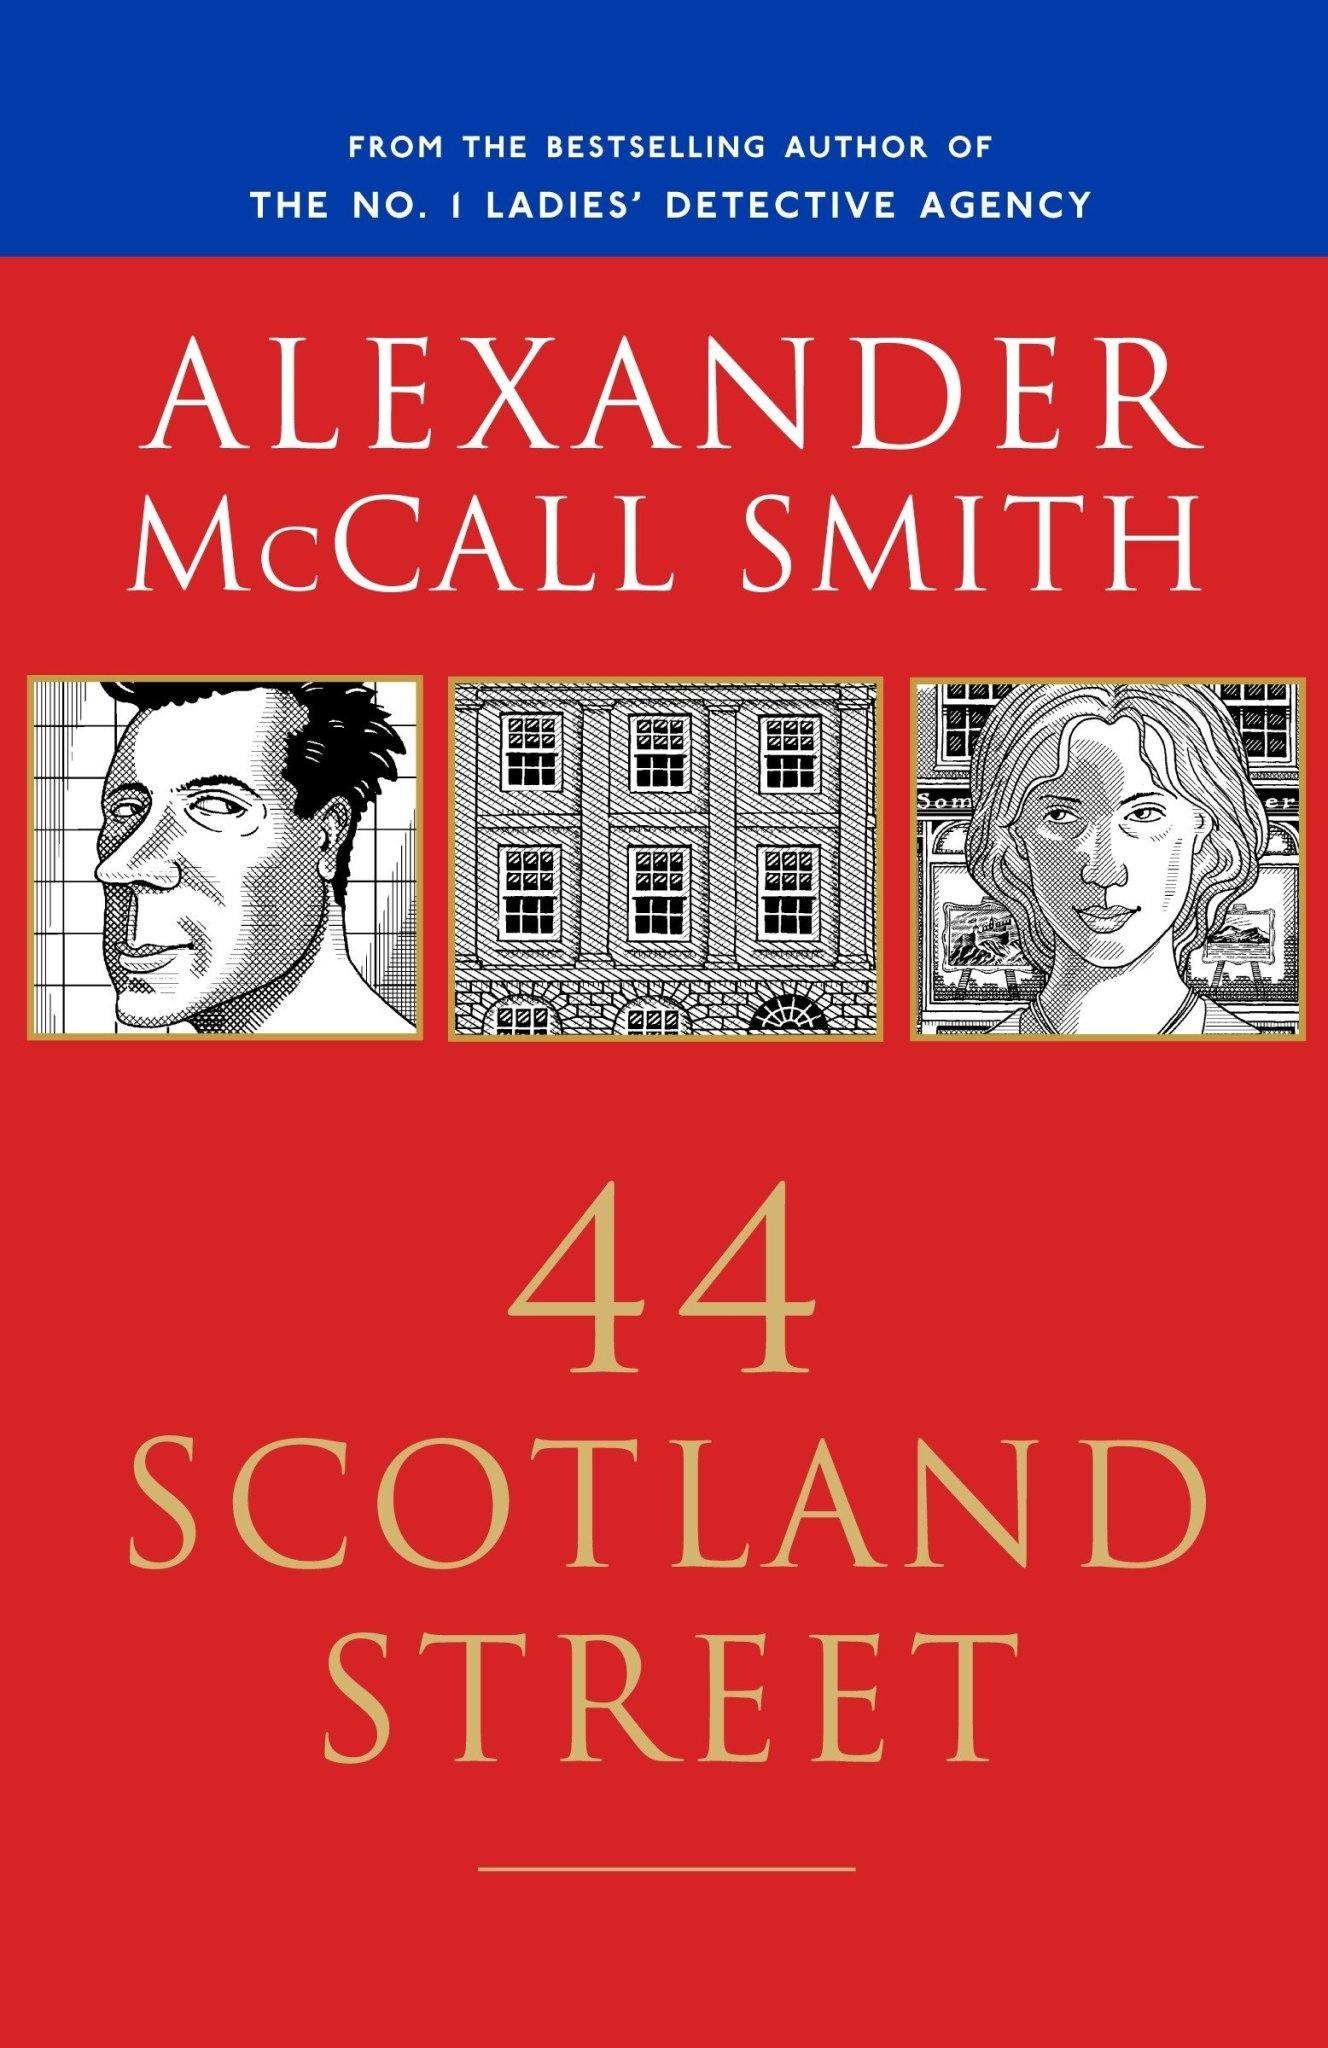 44 Scotland Street: the First 44 Scotland Street Novel